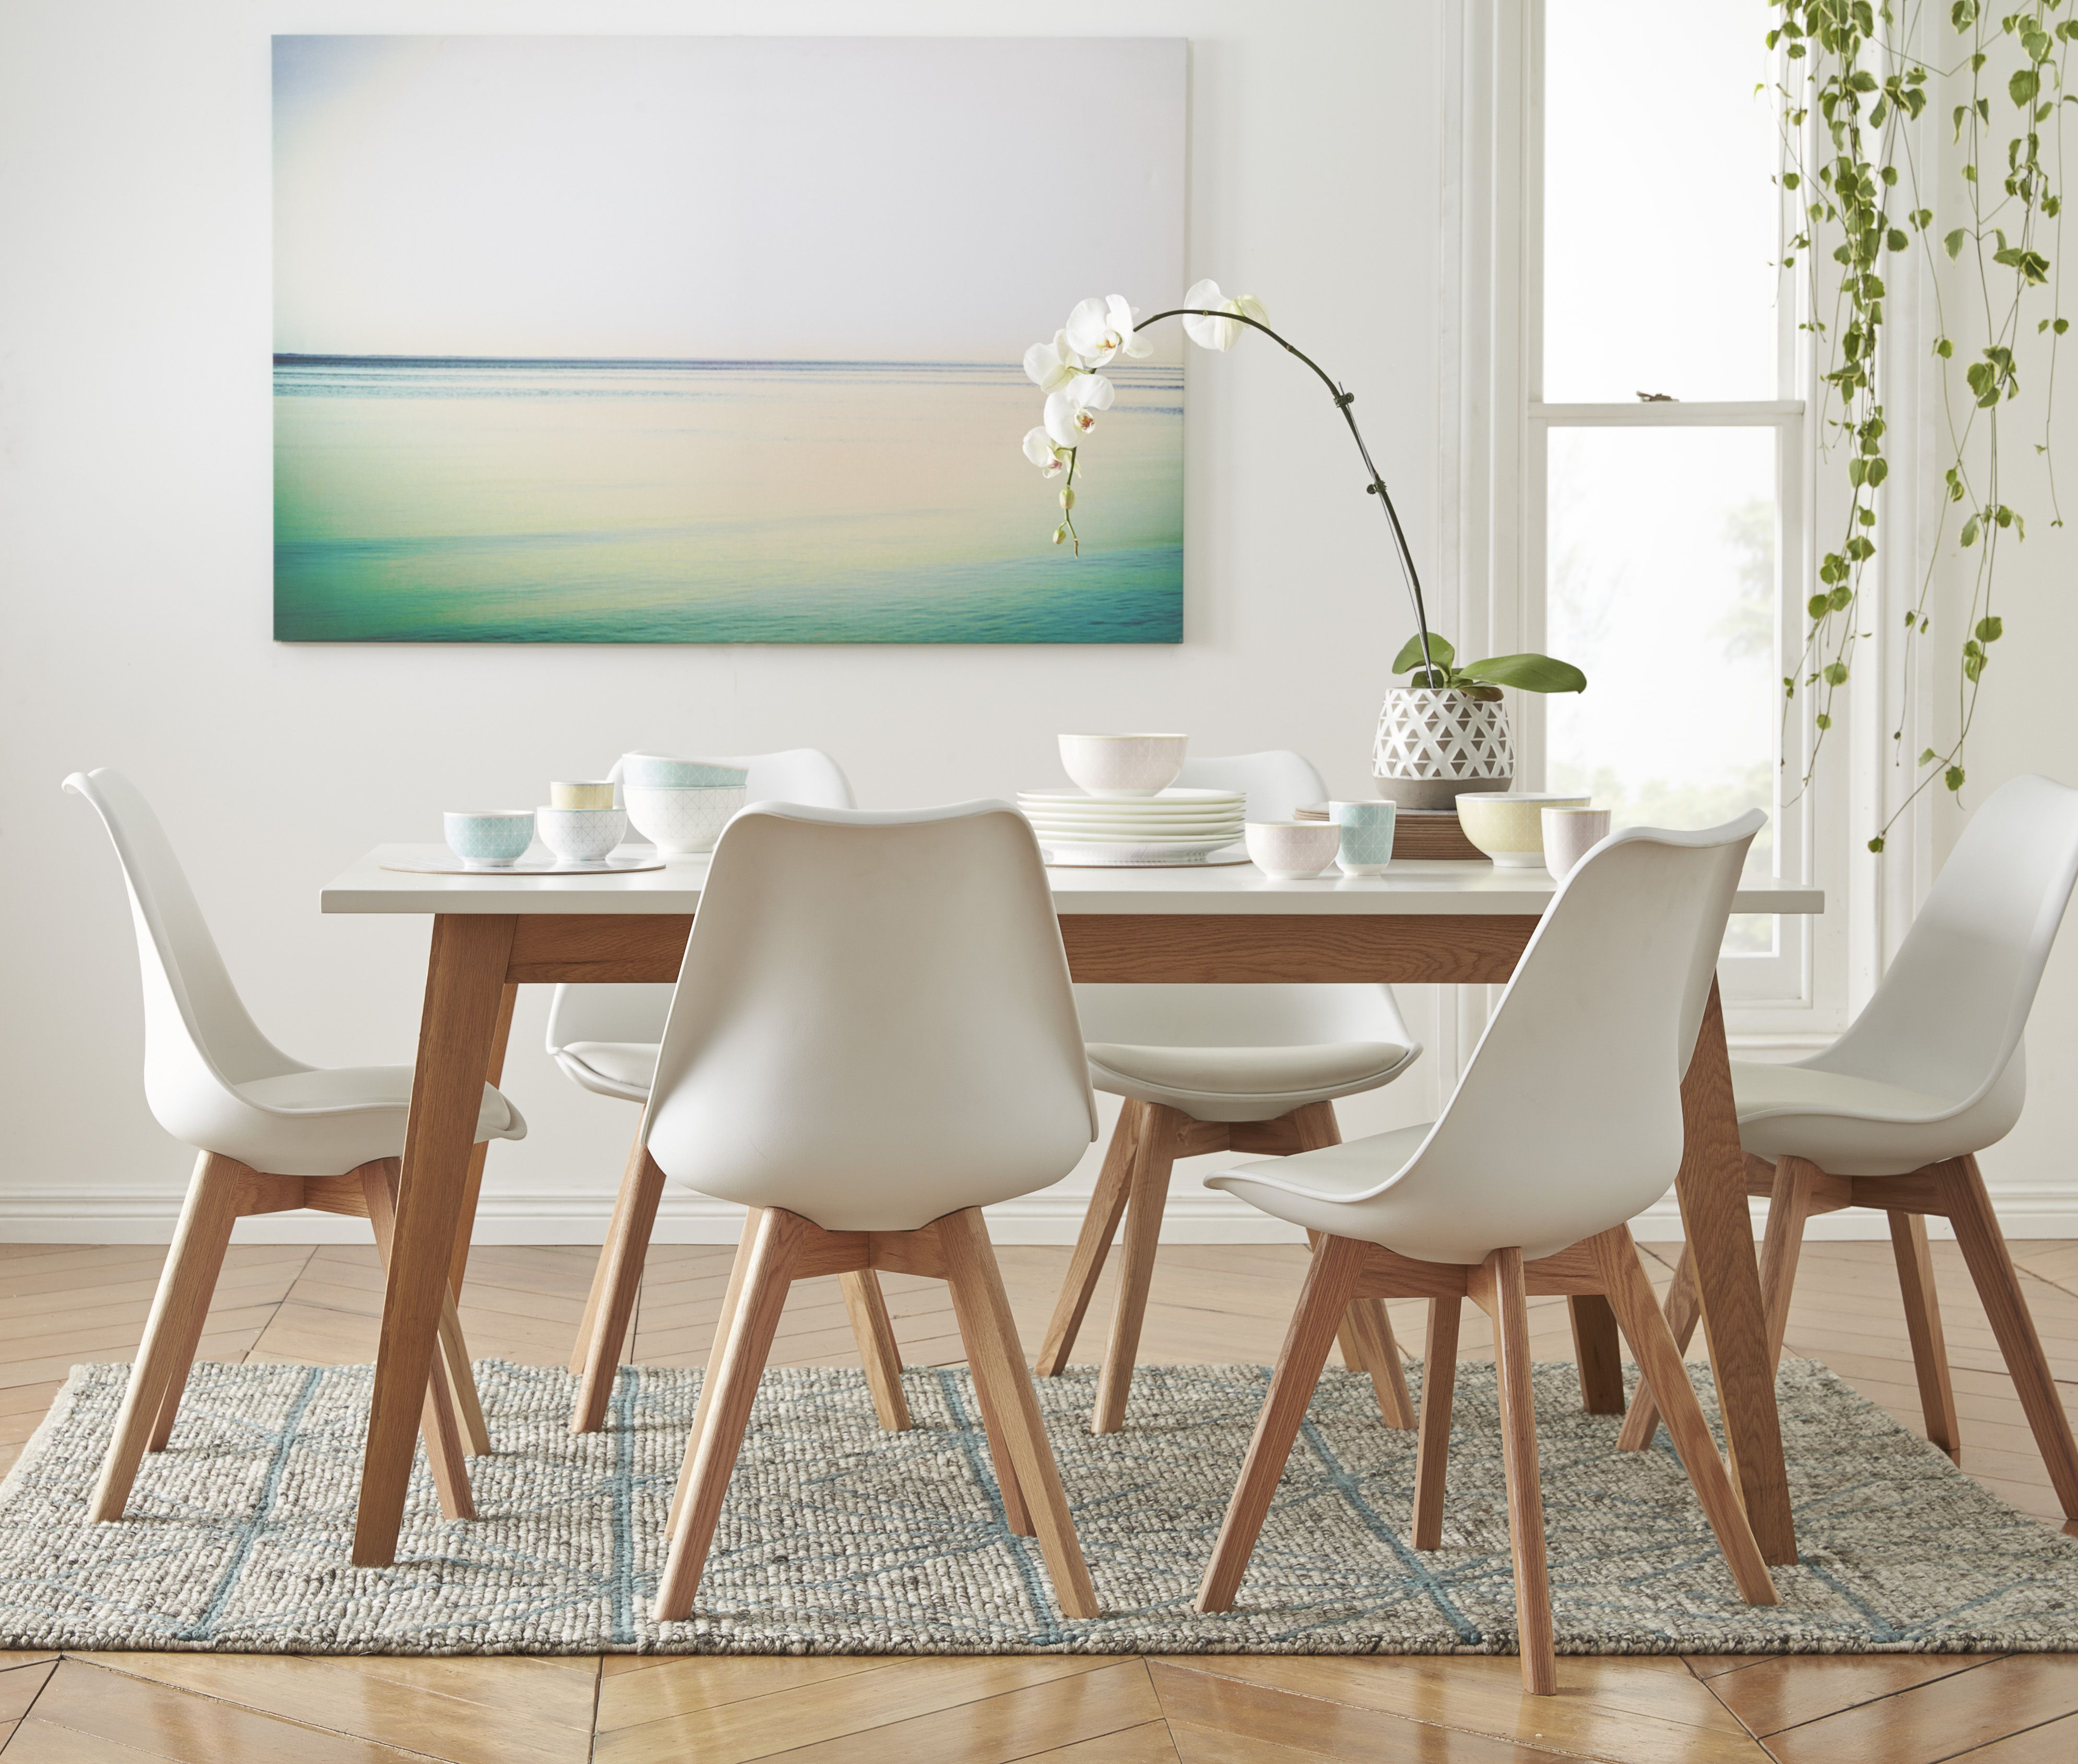 Frieda Dining Table 160x90cm In Oak White 699 Freedomaw15 Freedomaustralia Decoracao Sala De Jantar Mesa Escandinava Ideias De Decoracao